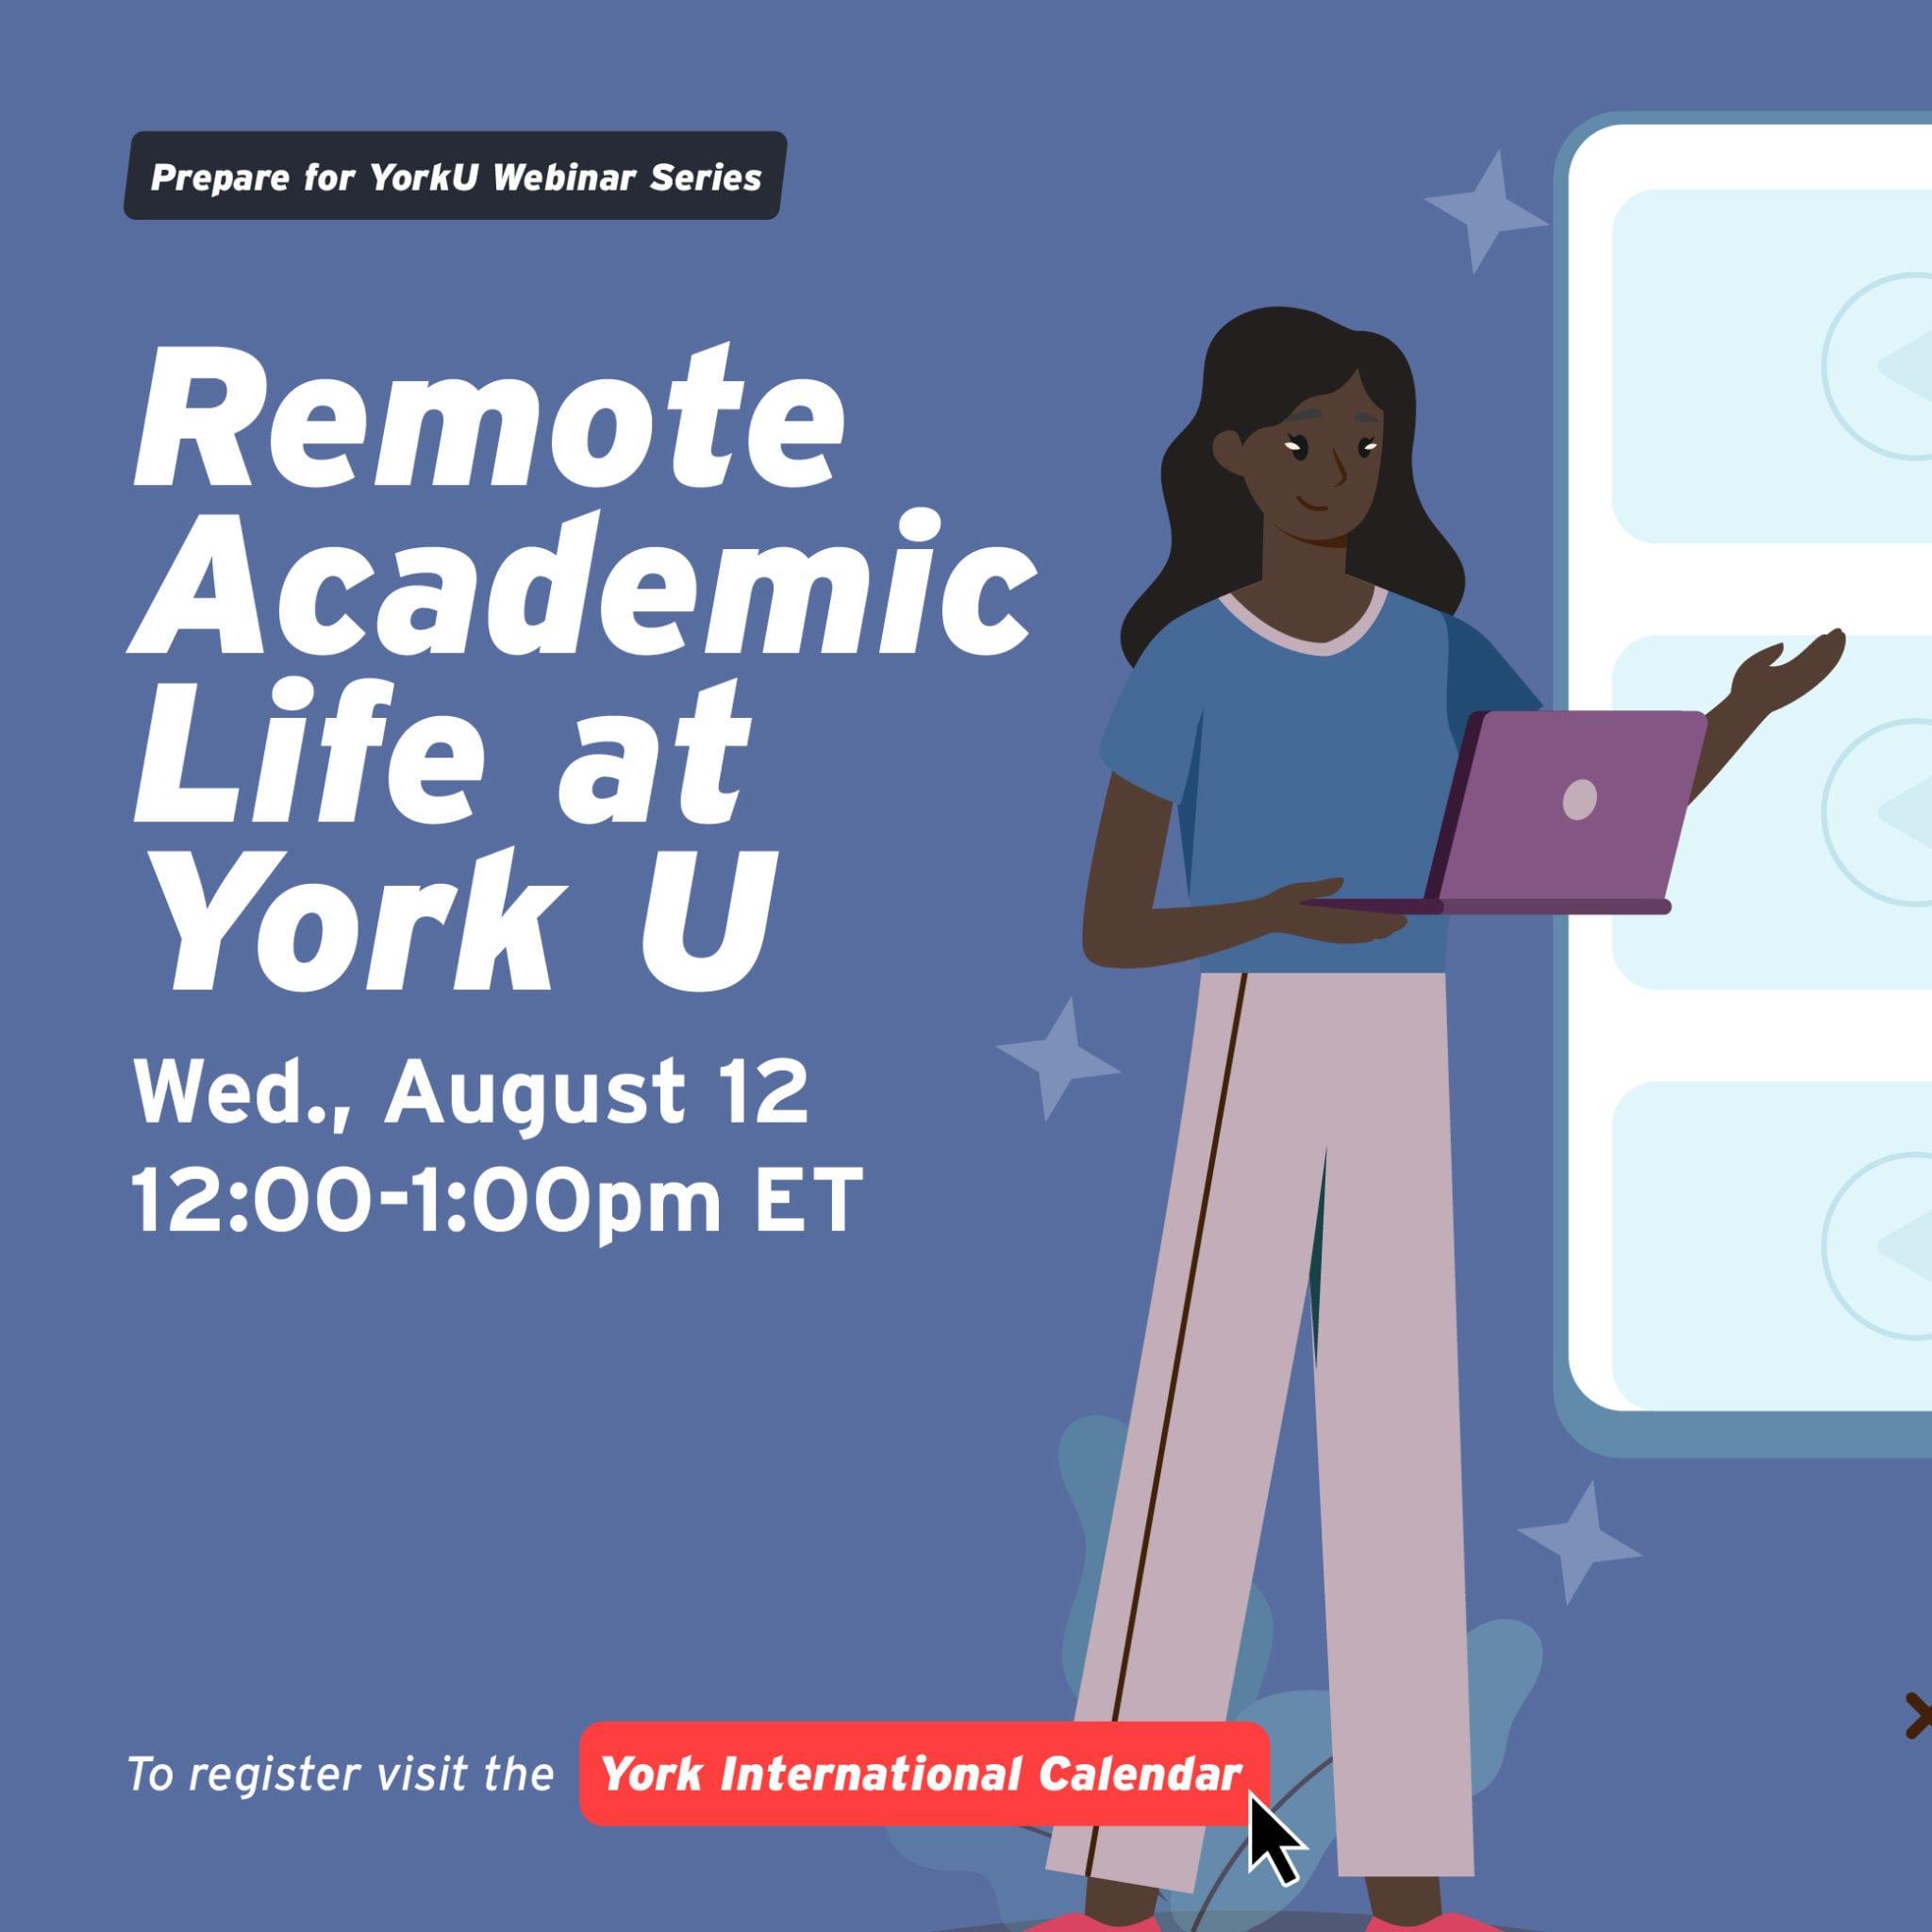 Prepare for YorkU Webinar: Remote Academic Life at York U @ Virtual